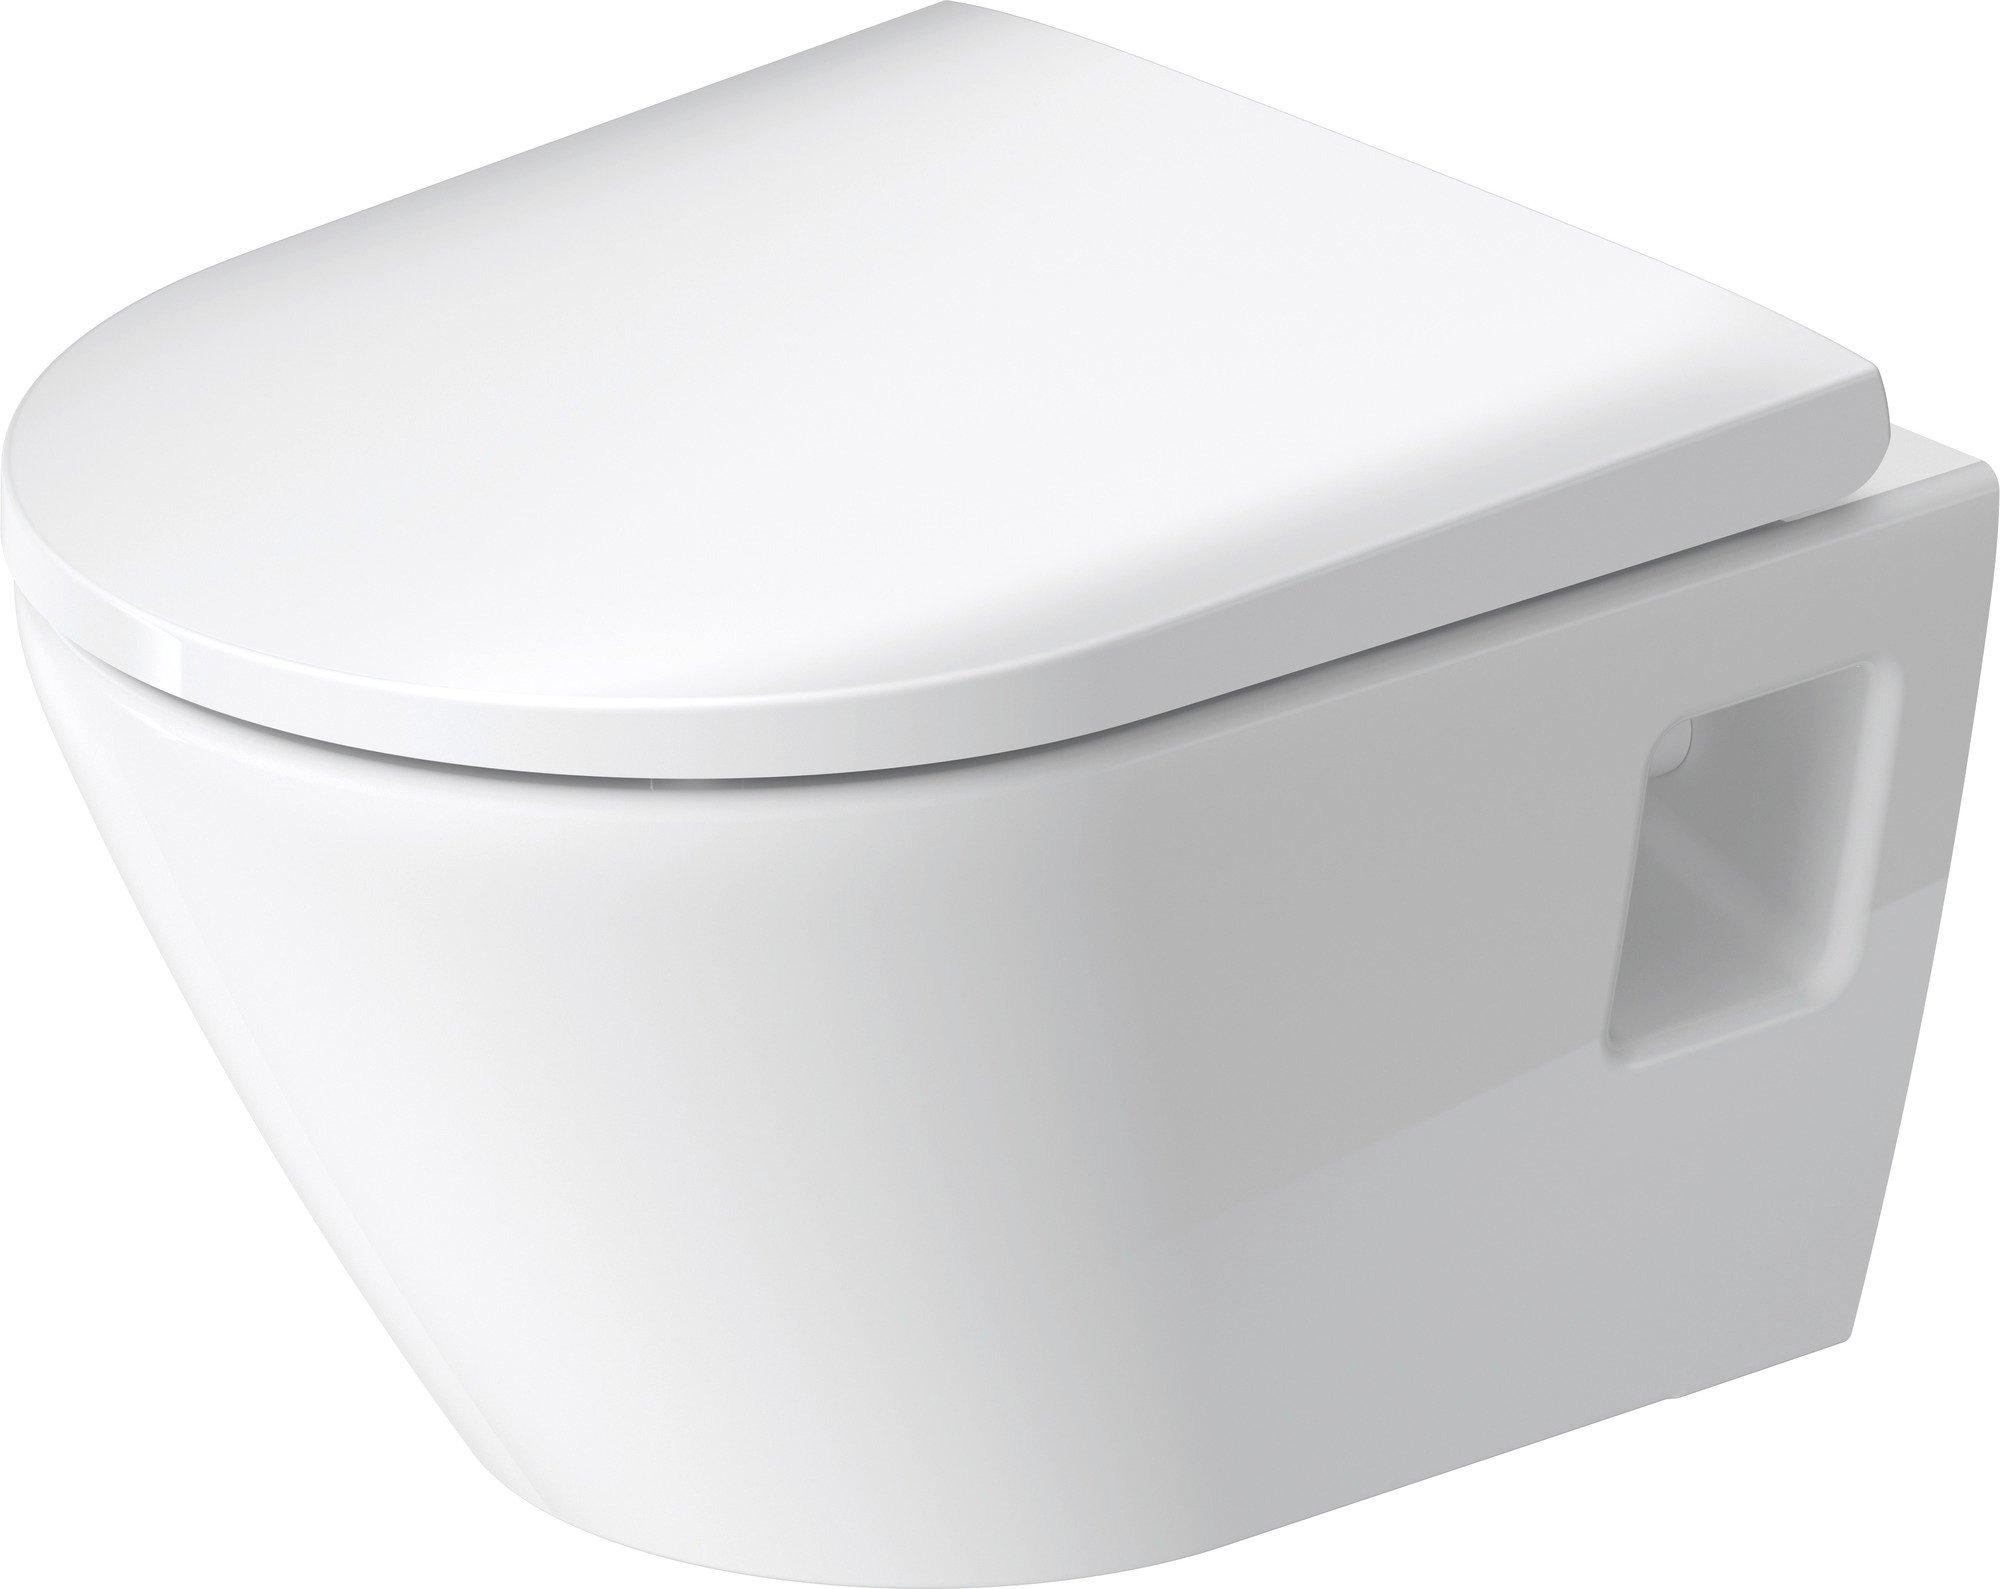 Productafbeelding van Duravit D-Neo wandcloset diepspoel, verkort 480 mm, wit